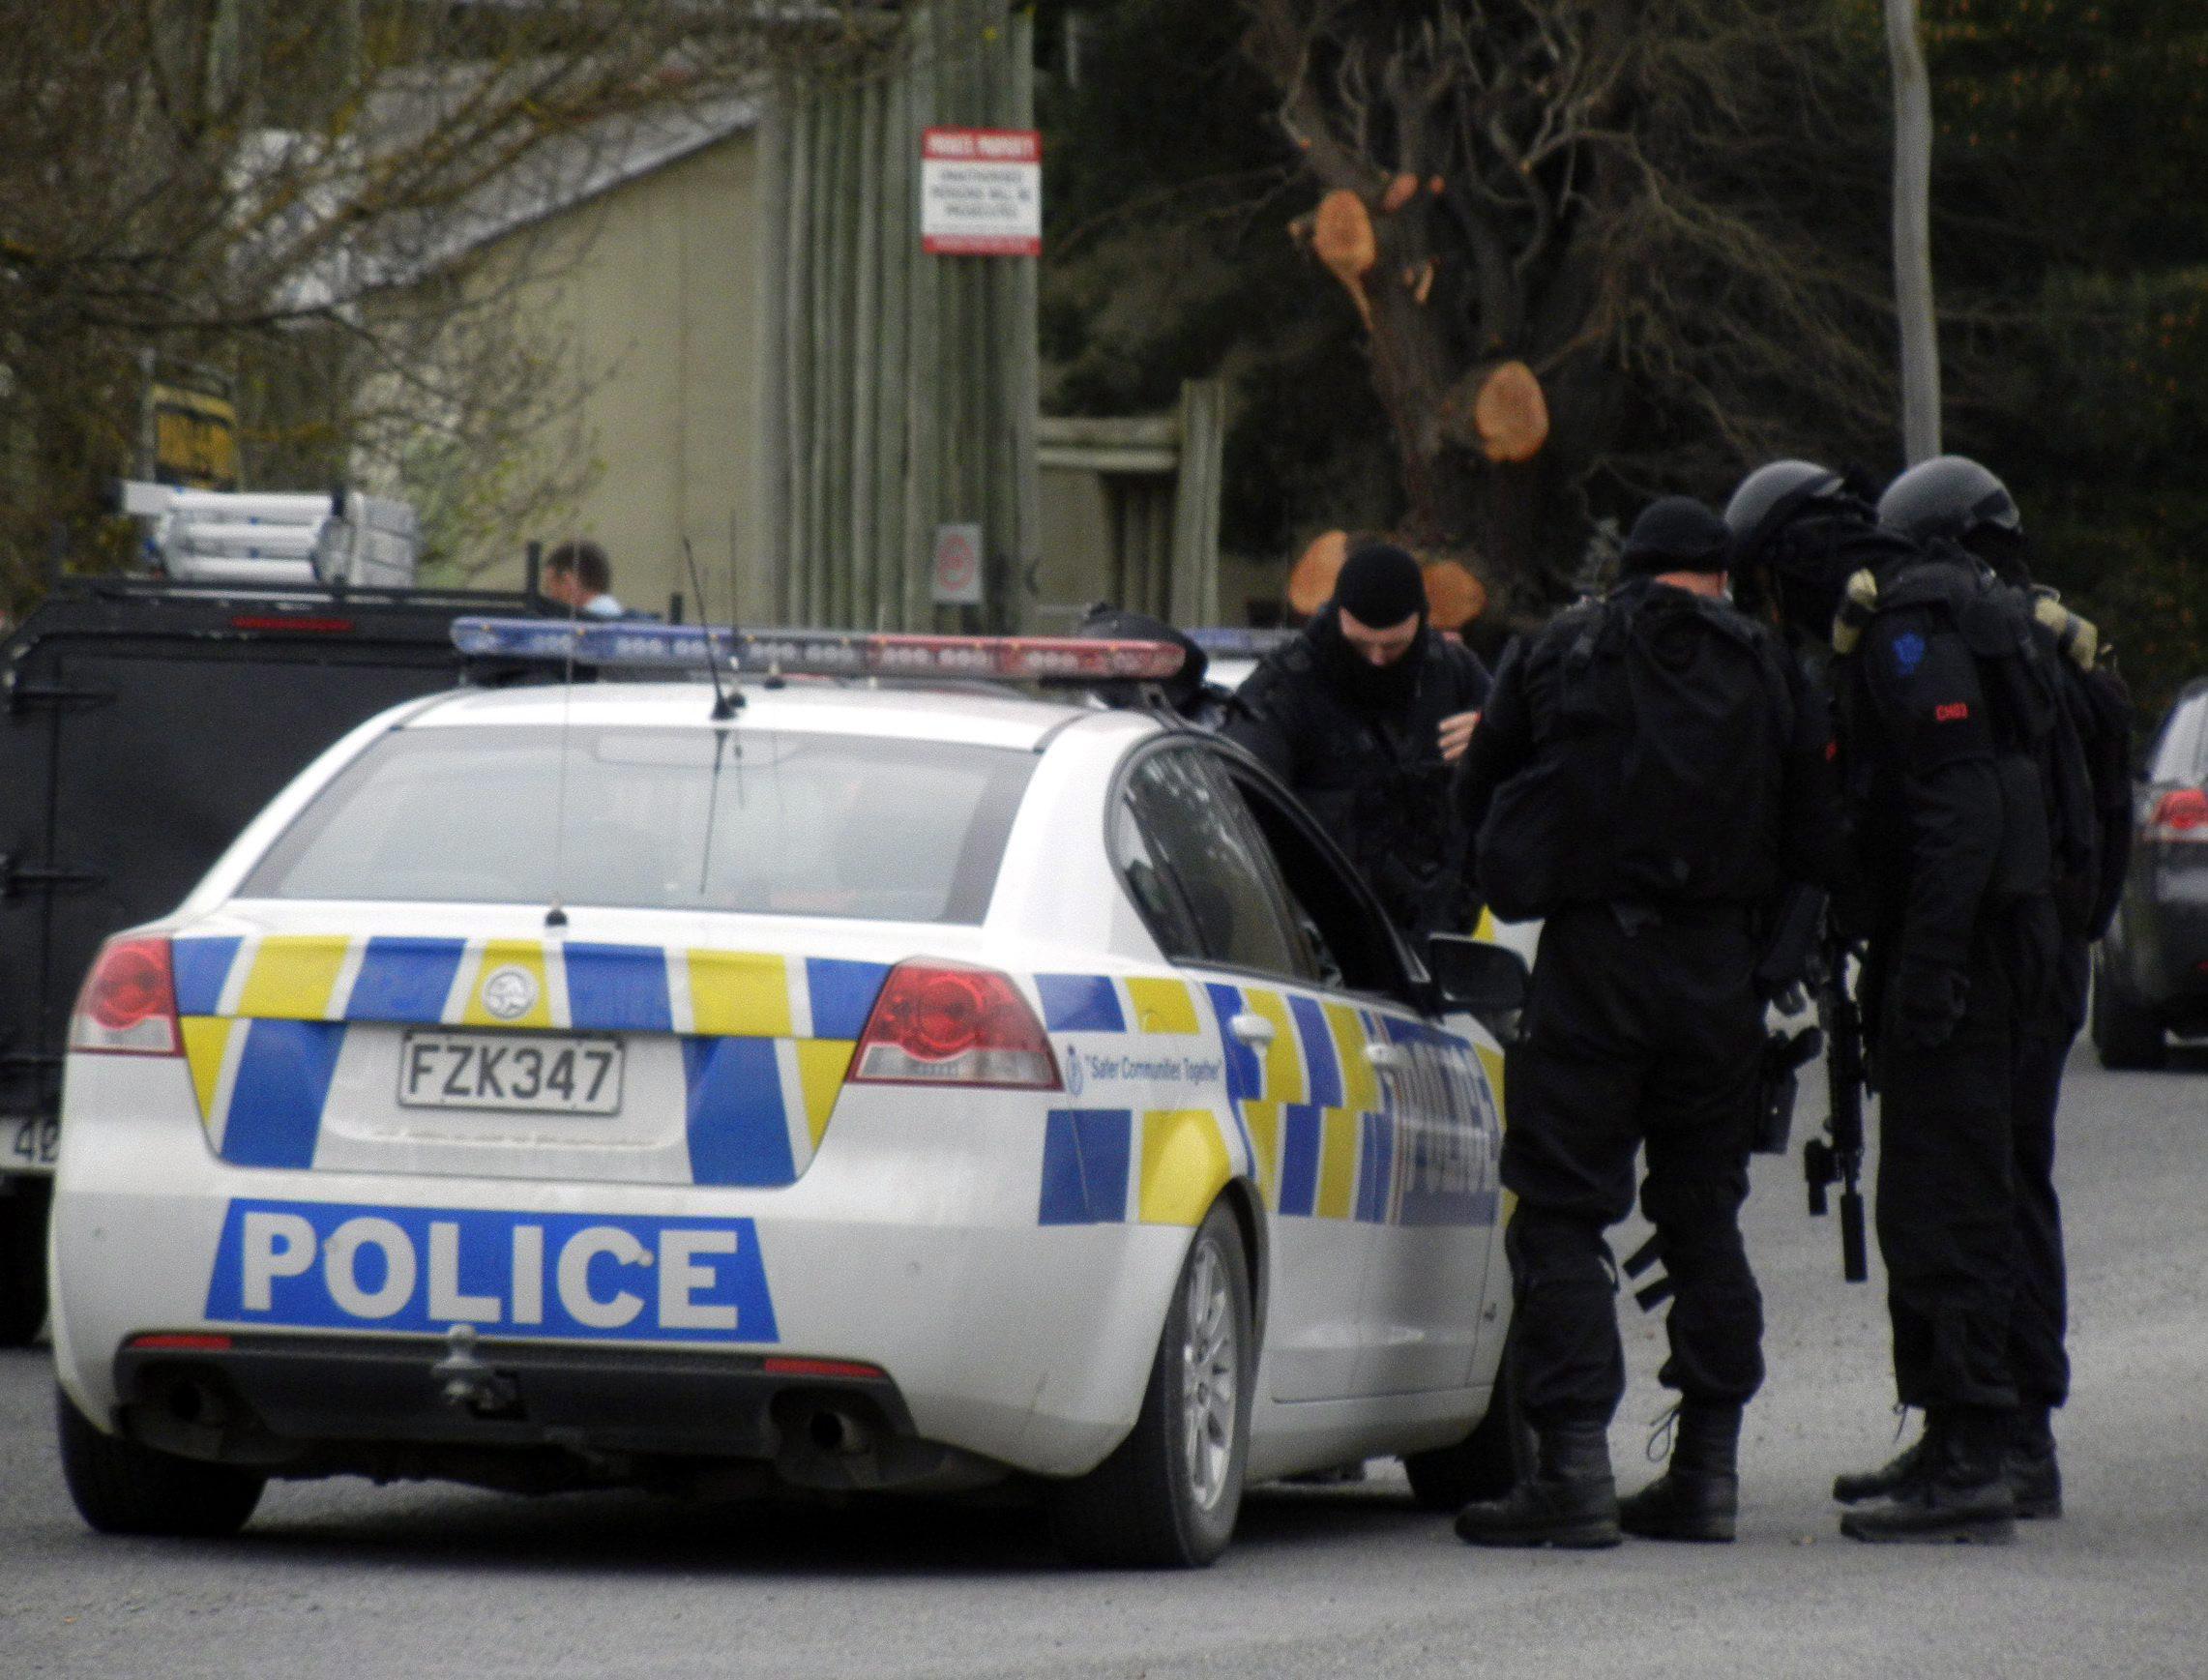 Uj-zelandi-rendorok(210x140).jpg (Array)